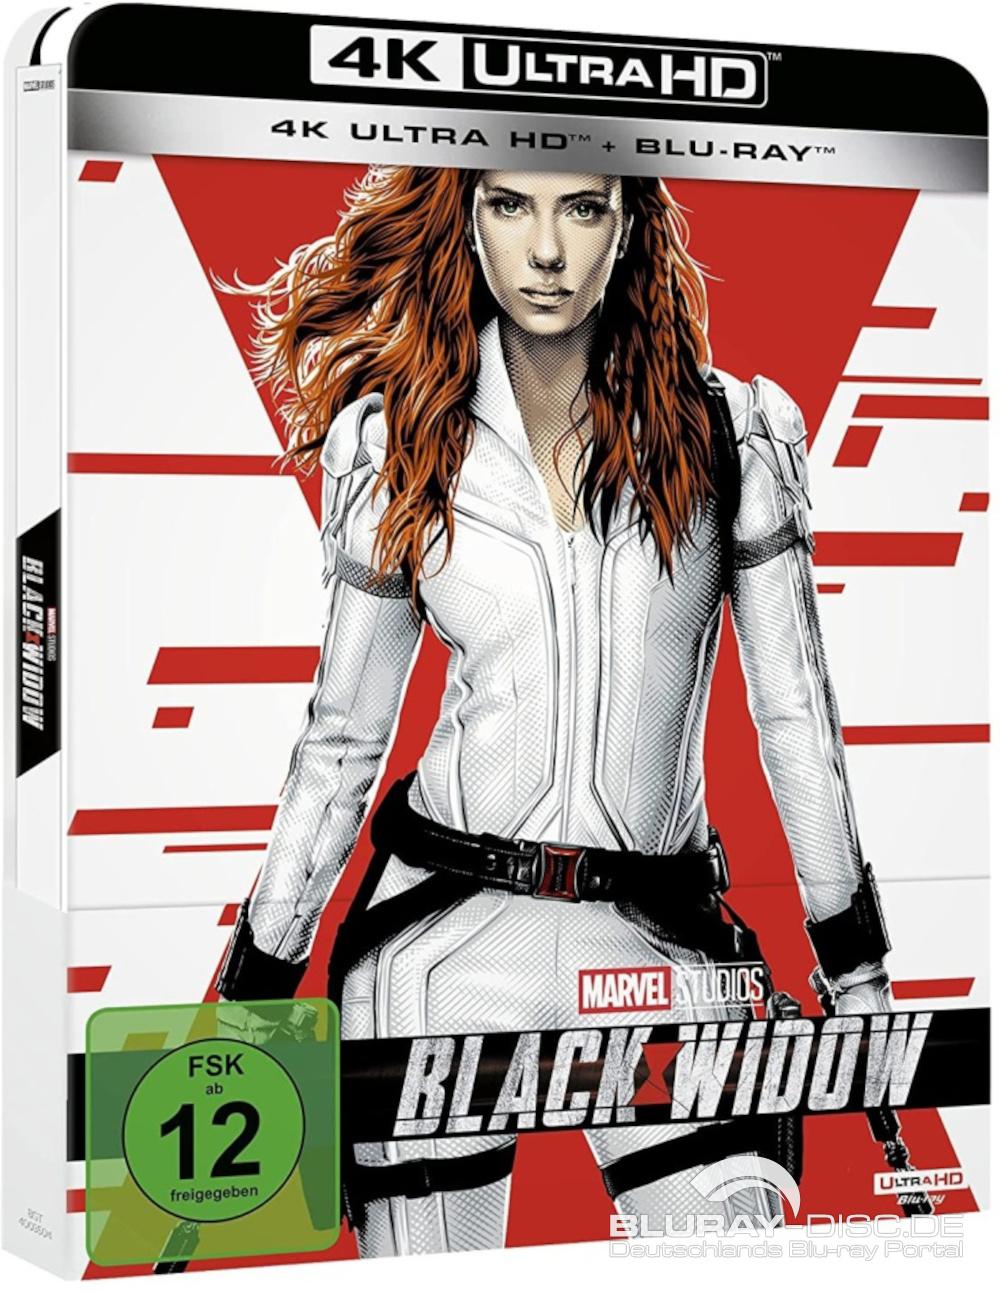 Black-Widow-Packshot-Galerie-01.jpg